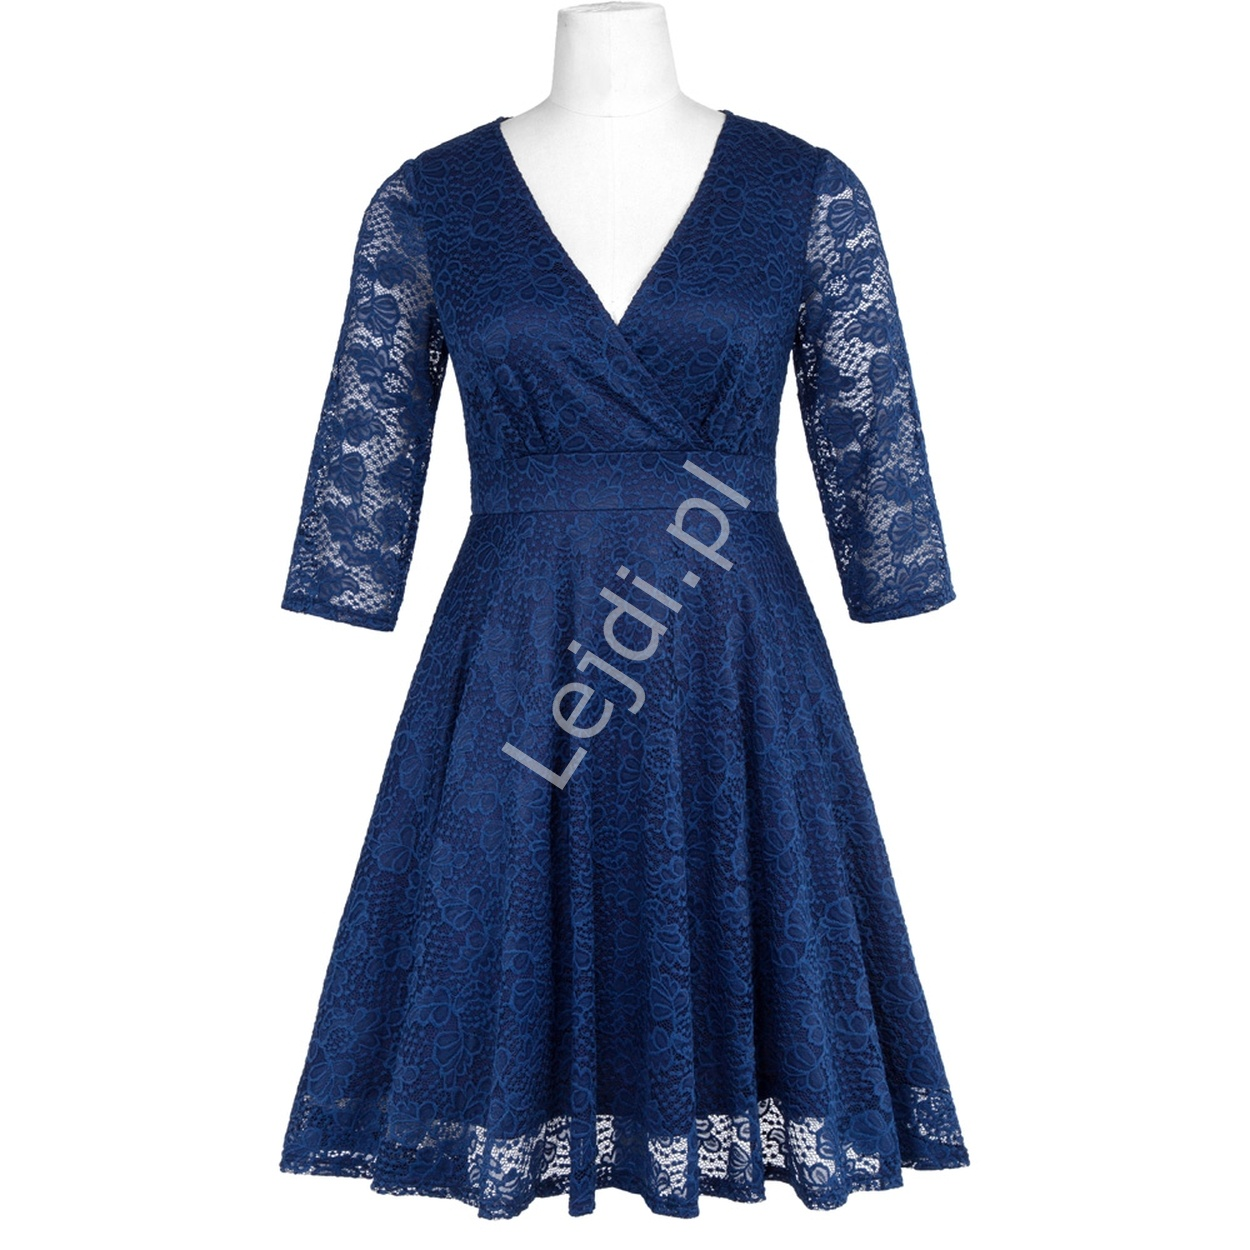 2666020ff4 Granatowa koronkowa sukienka z rękawkiem 3 4